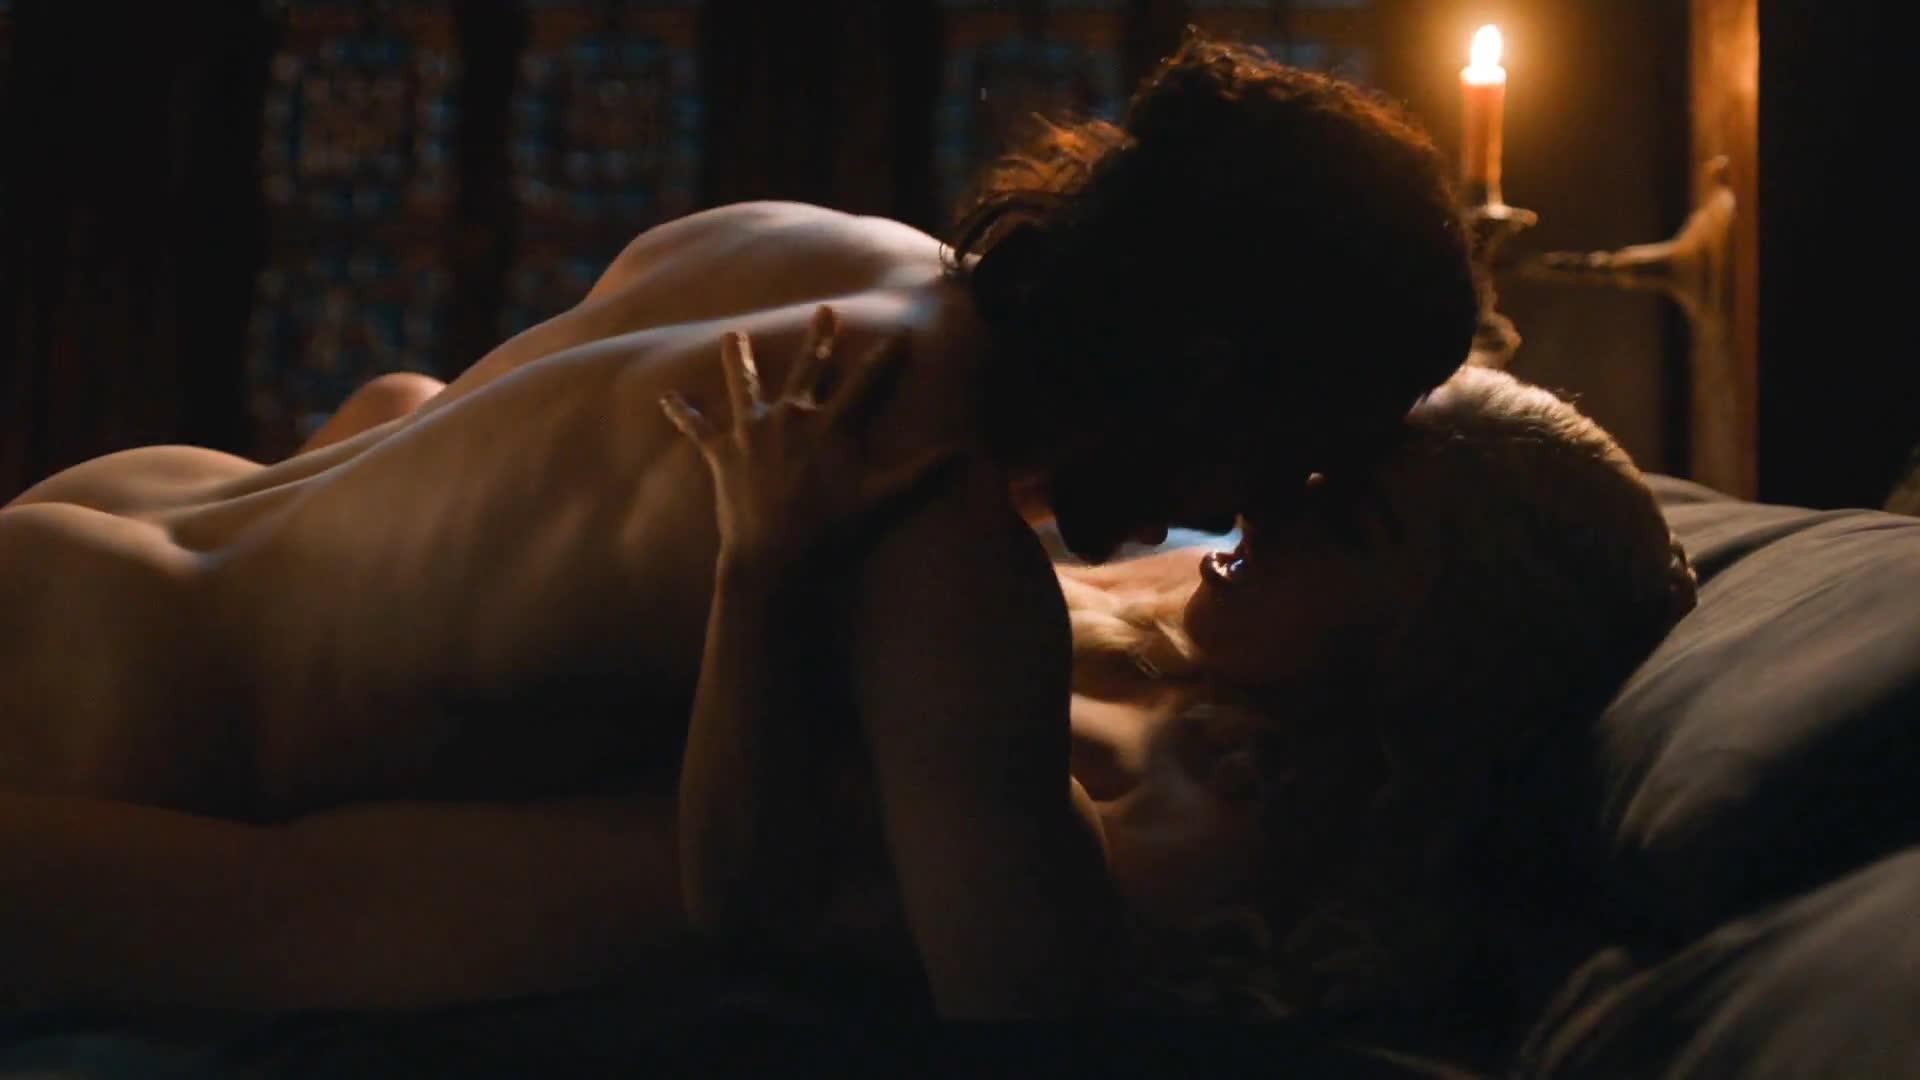 Emilia Clarke screentime - Game of Thrones